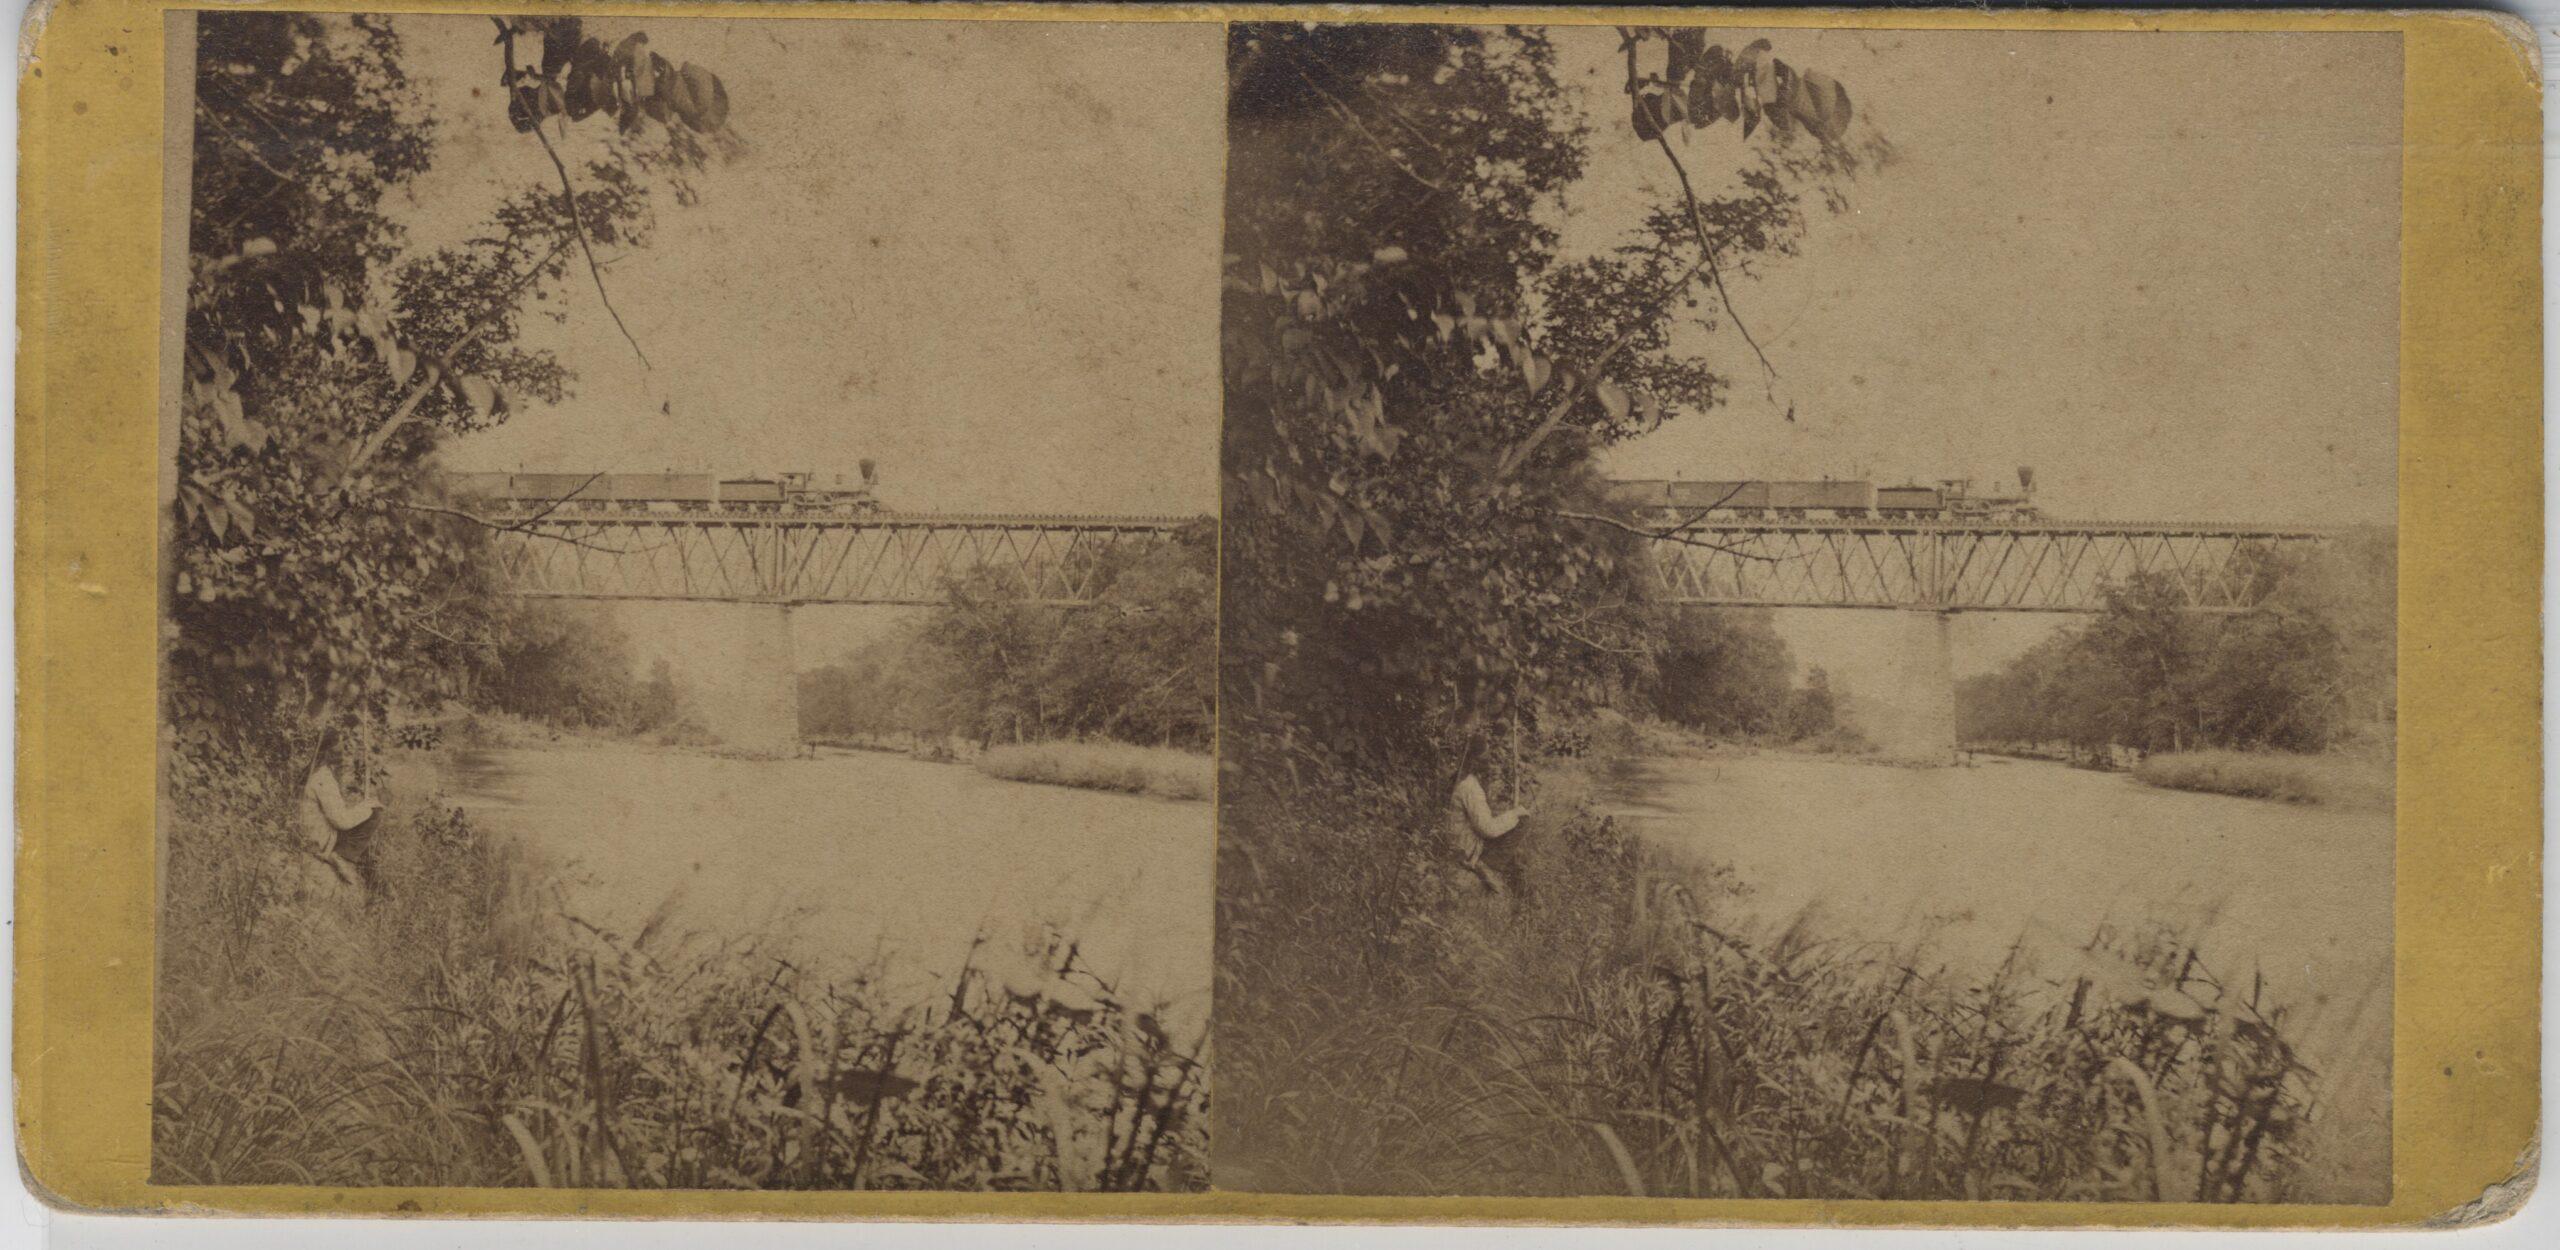 LJTP 100.284 - S. Root - Train on Bridge at Iowa Falls - c1875